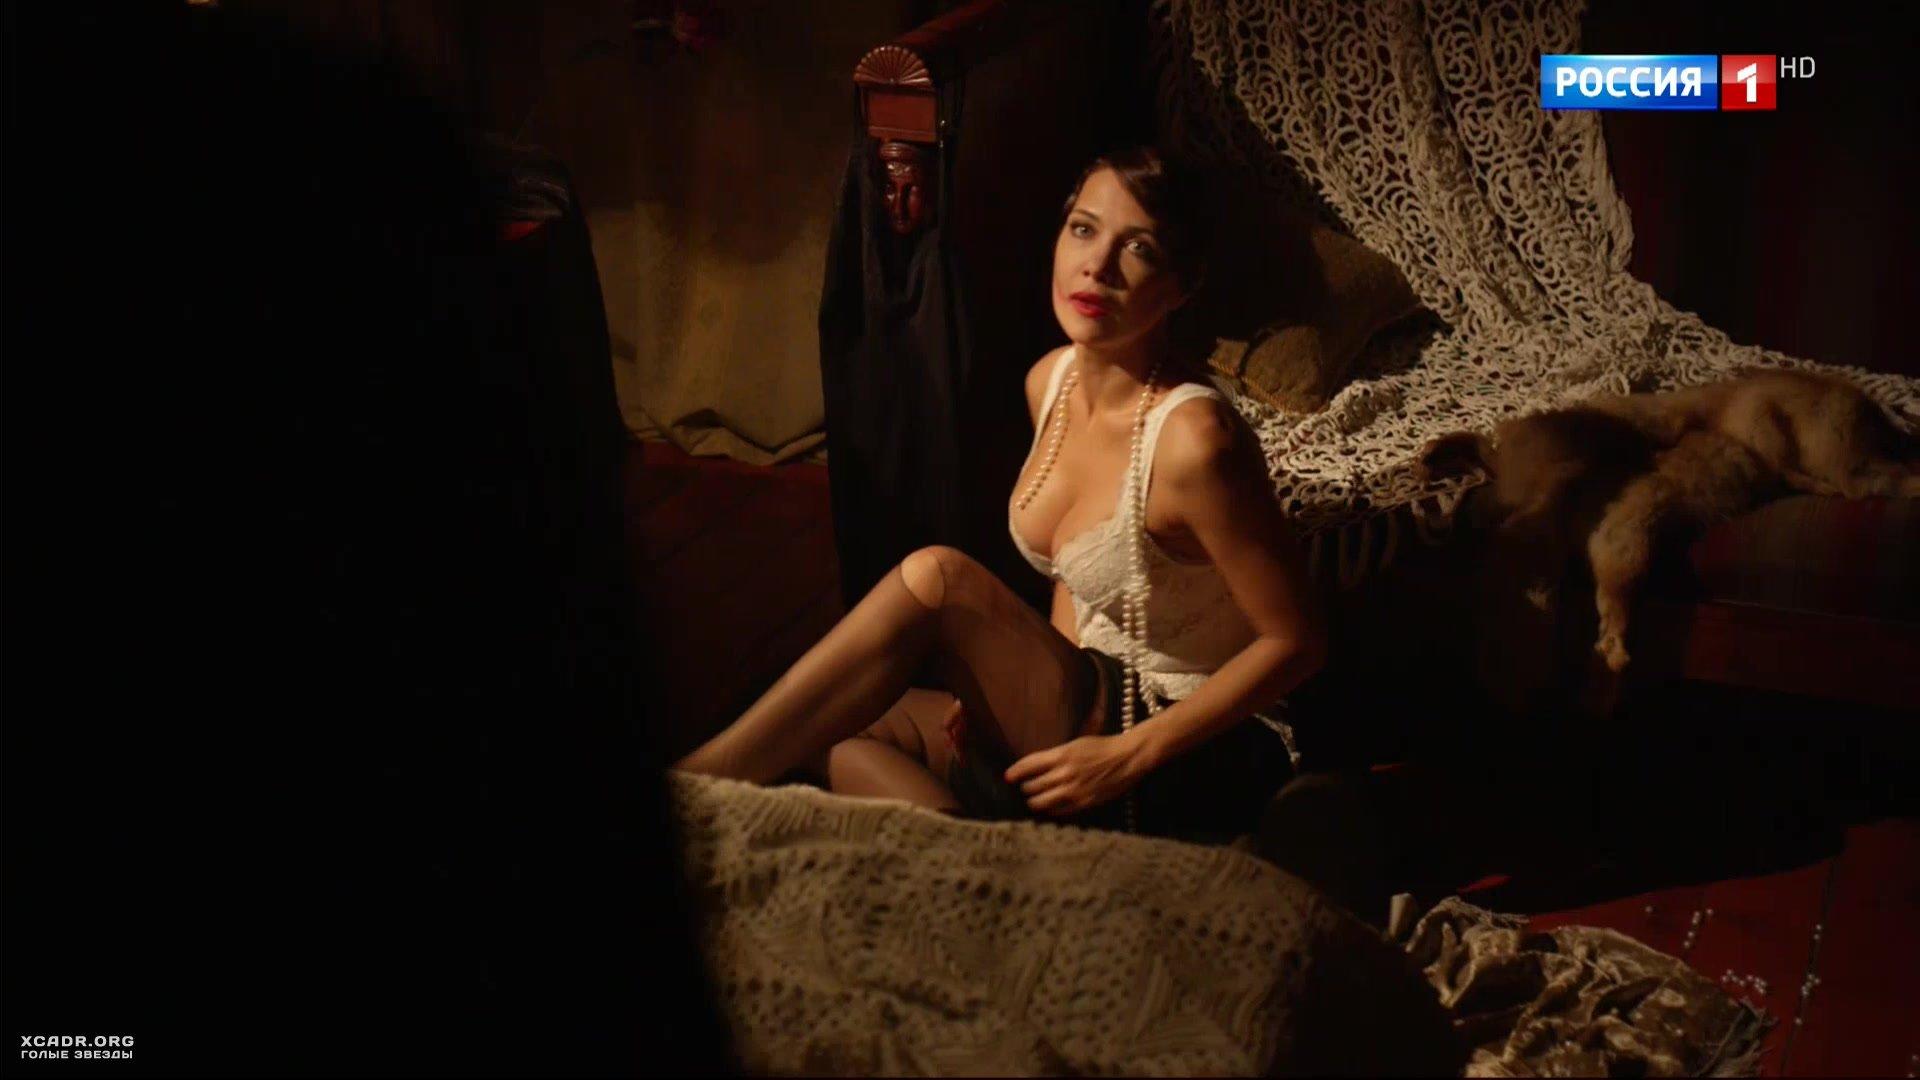 смотреть эротические сцены из кинофильмов с участием екатерины климовой общем, первое